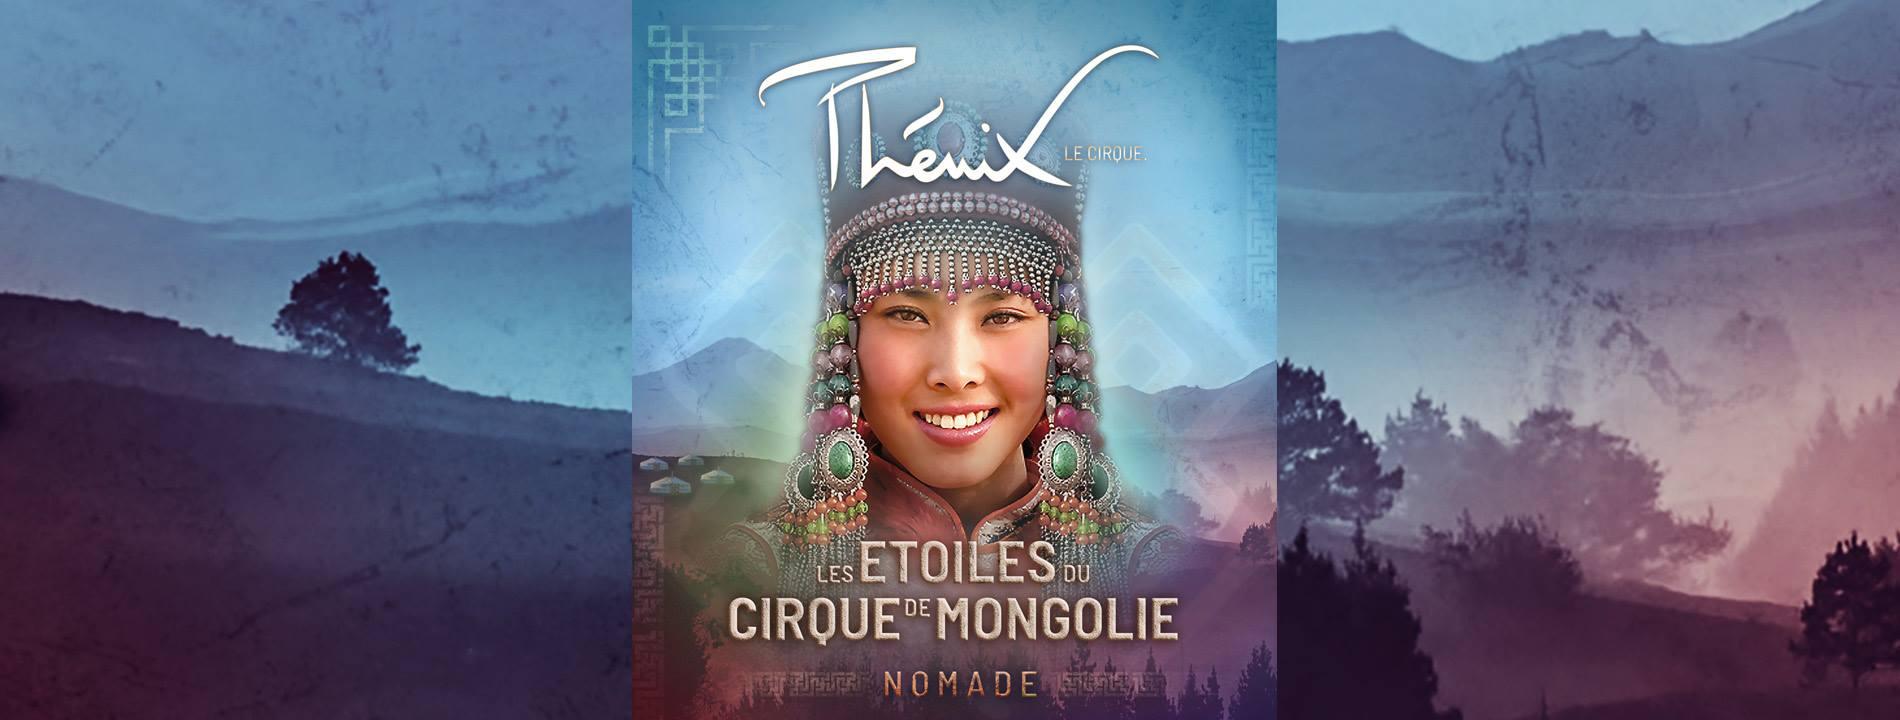 les-etoiles-du-cirque-de-mongolie-slider